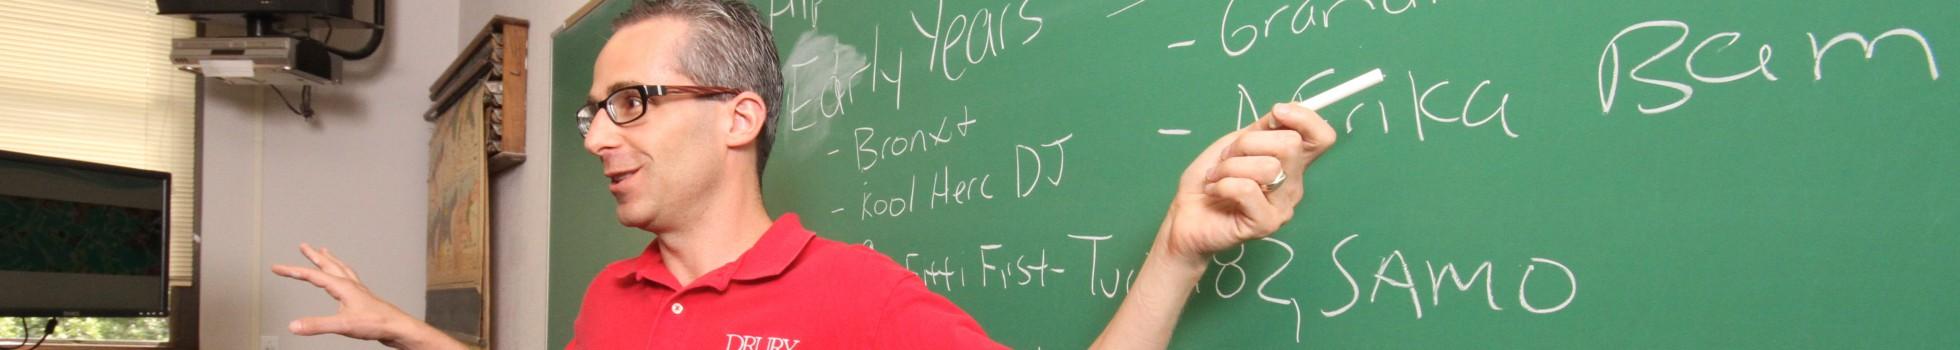 Rich Schur teaching at a chalk board.